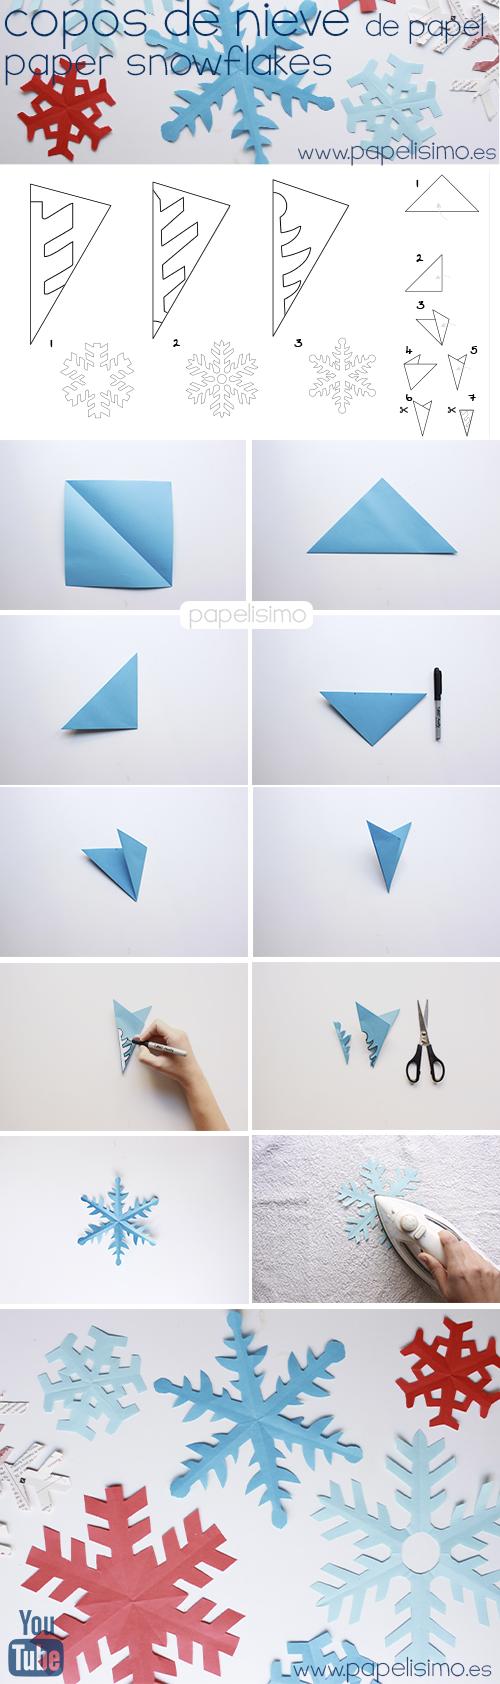 Cómo hacer copos de nieve de papel - PAPELISIMO